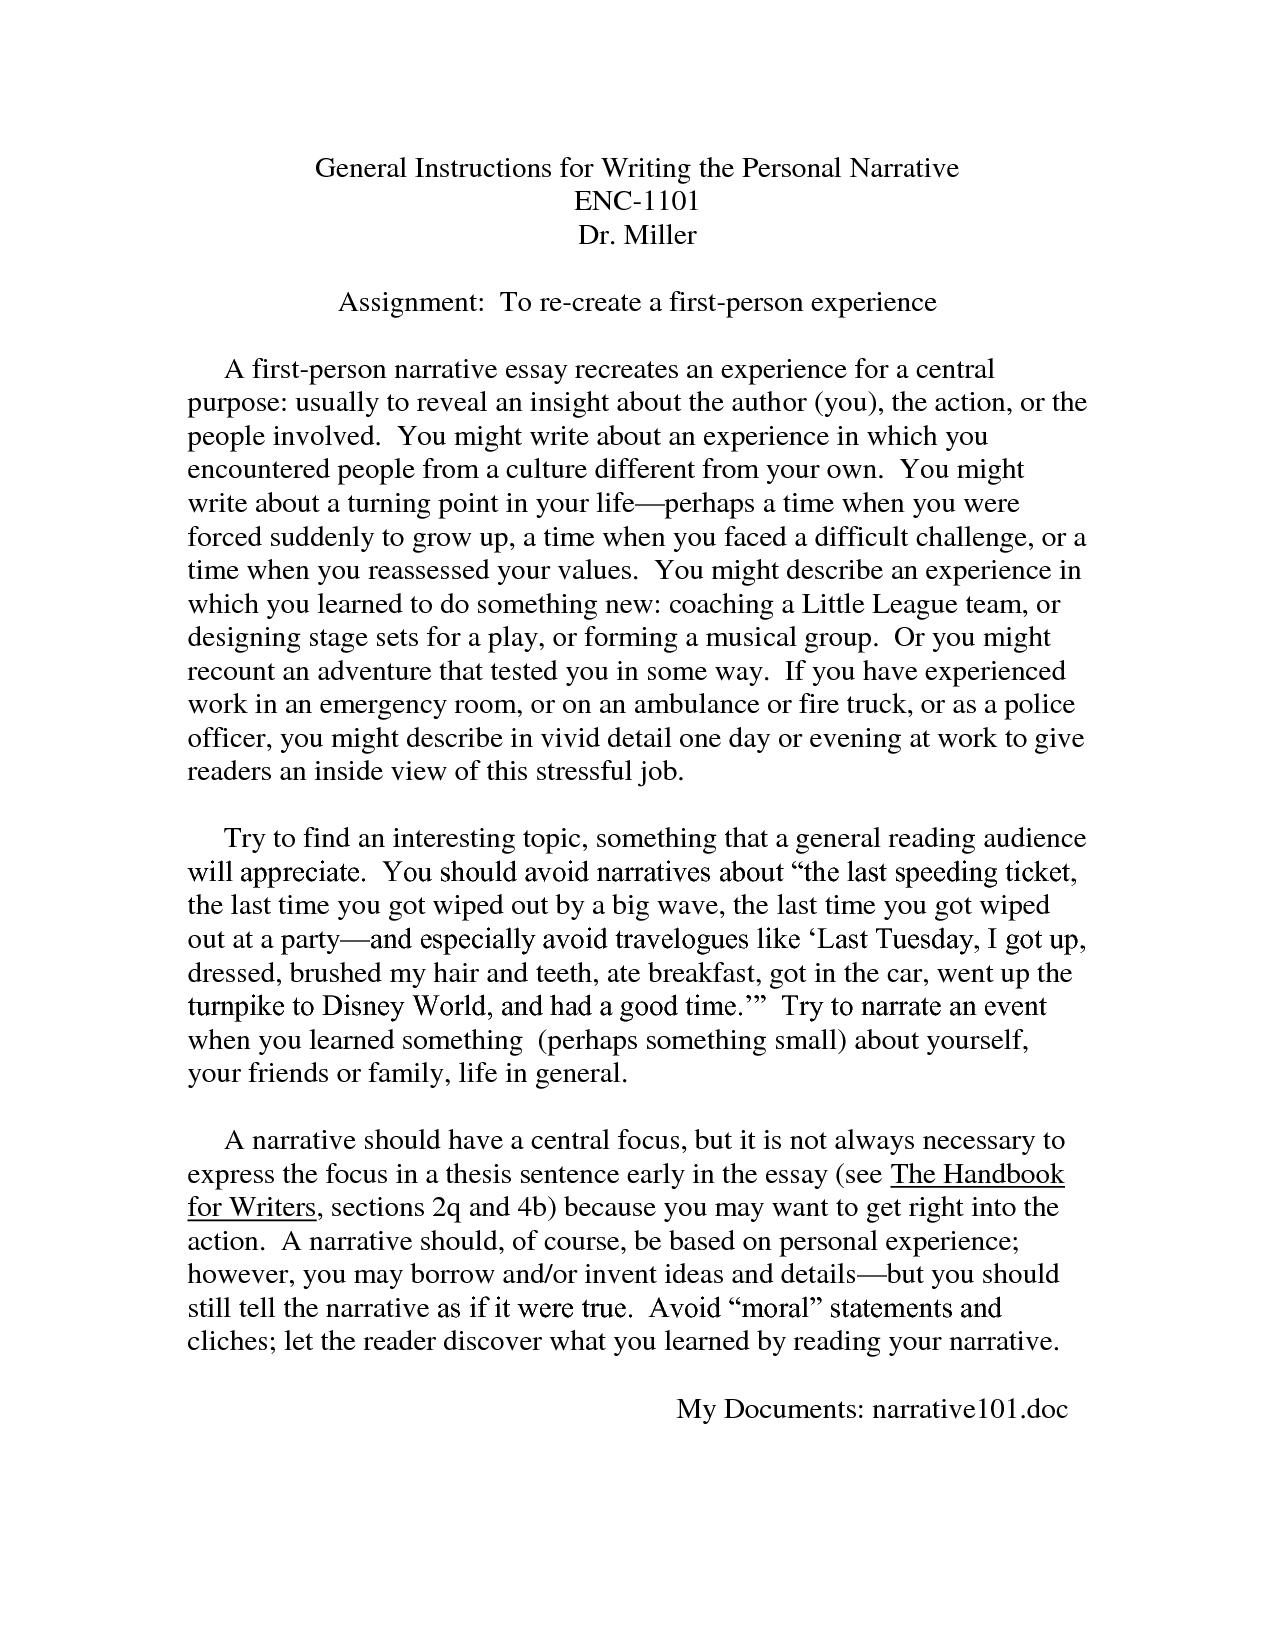 College narrative essay examples